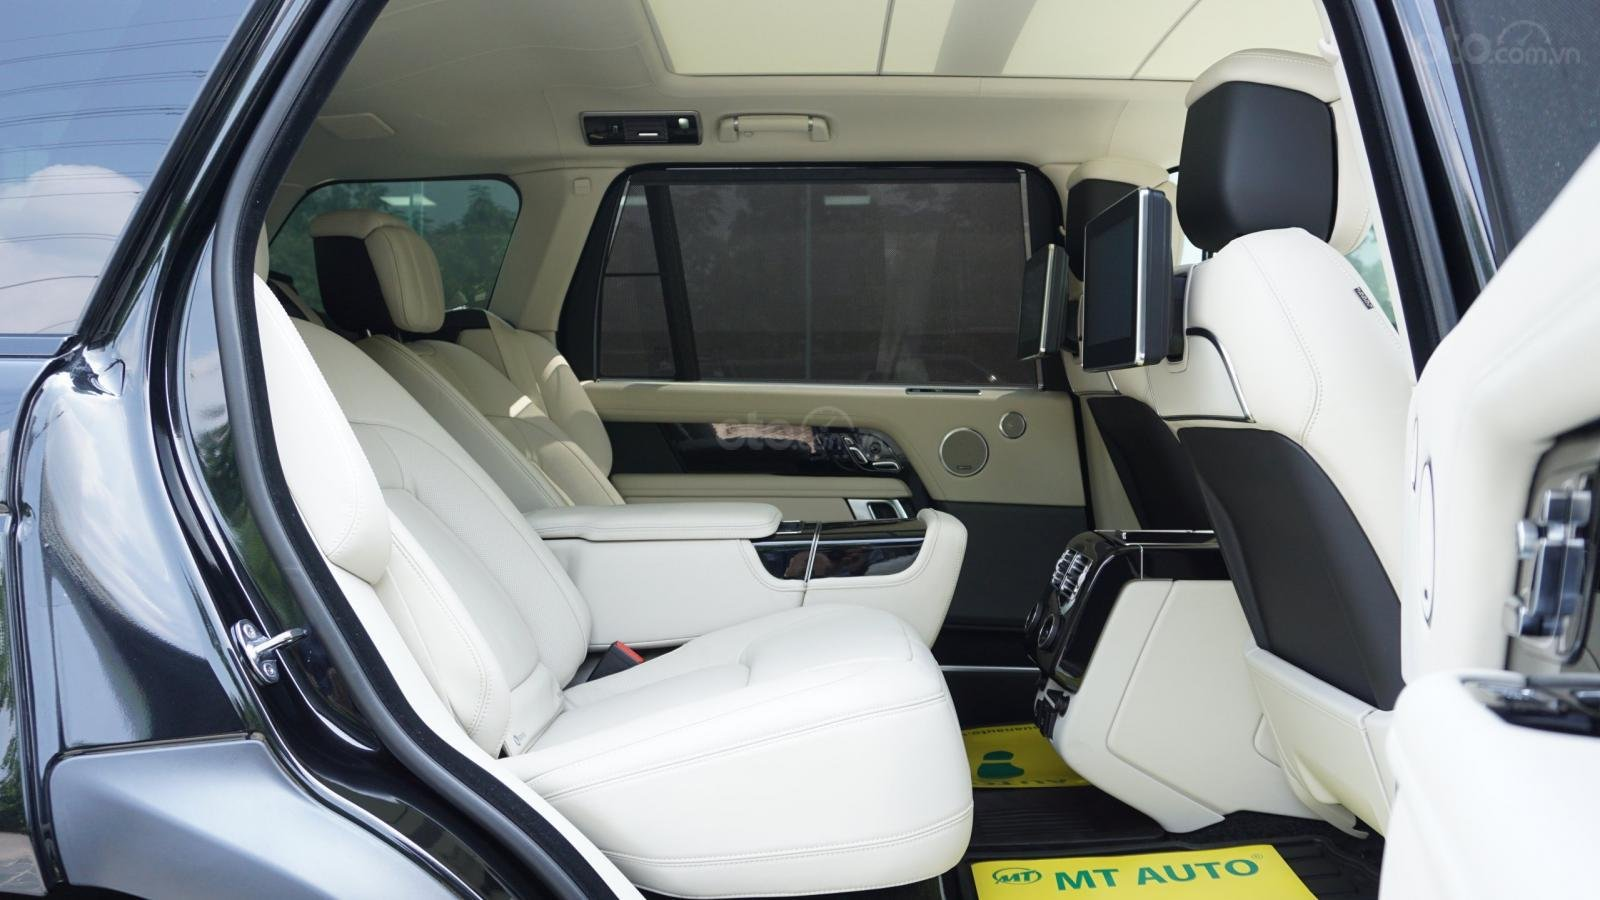 Range Rover Autobiography LWB 2020, Hồ Chí Minh, giá tốt giao xe ngay toàn quốc, LH trực tiếp 0844.177.222 (13)